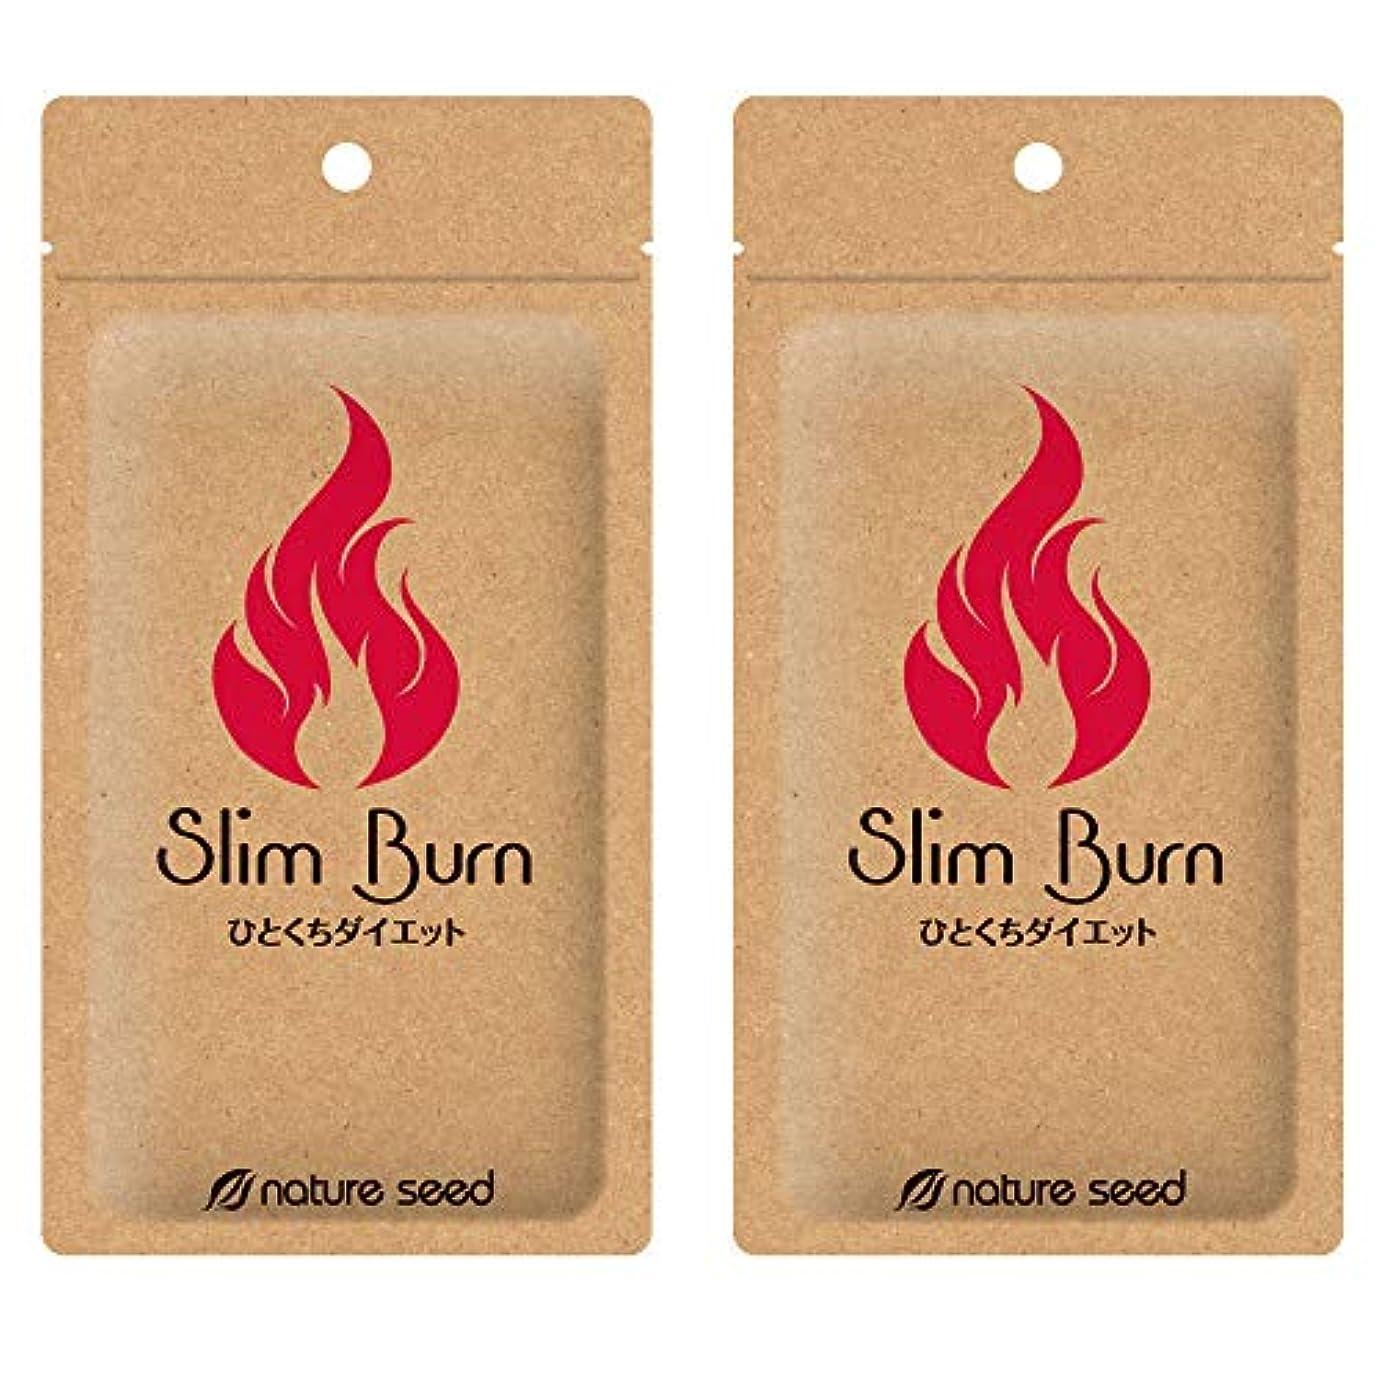 小競り合い考古学者仮称[燃焼サプリ]ダイエット 脂肪燃焼 くびれメイクをサポート サプリメント スリムバーン 2袋(約60日分)